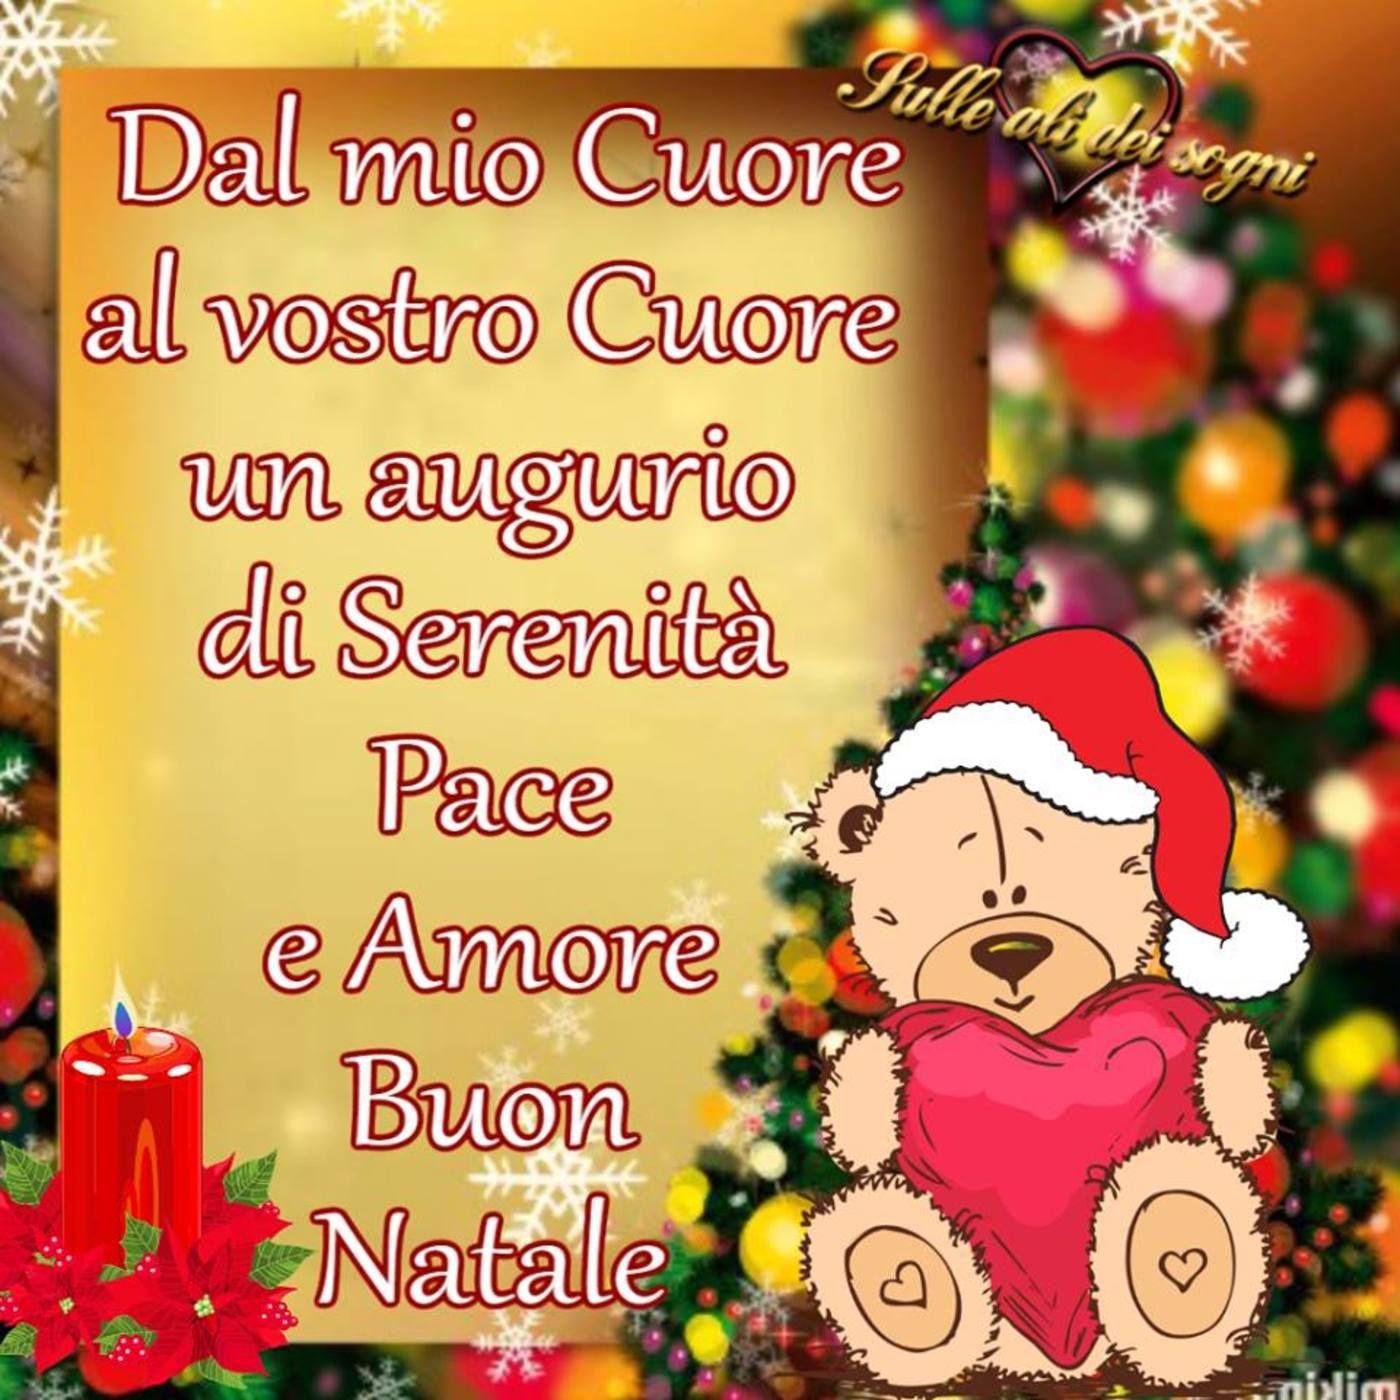 Immaggini Di Buon Natale.Bellissime Immagini Per Buon Natale 5009 Christmas Wishes Christmas Noel Christmas Time